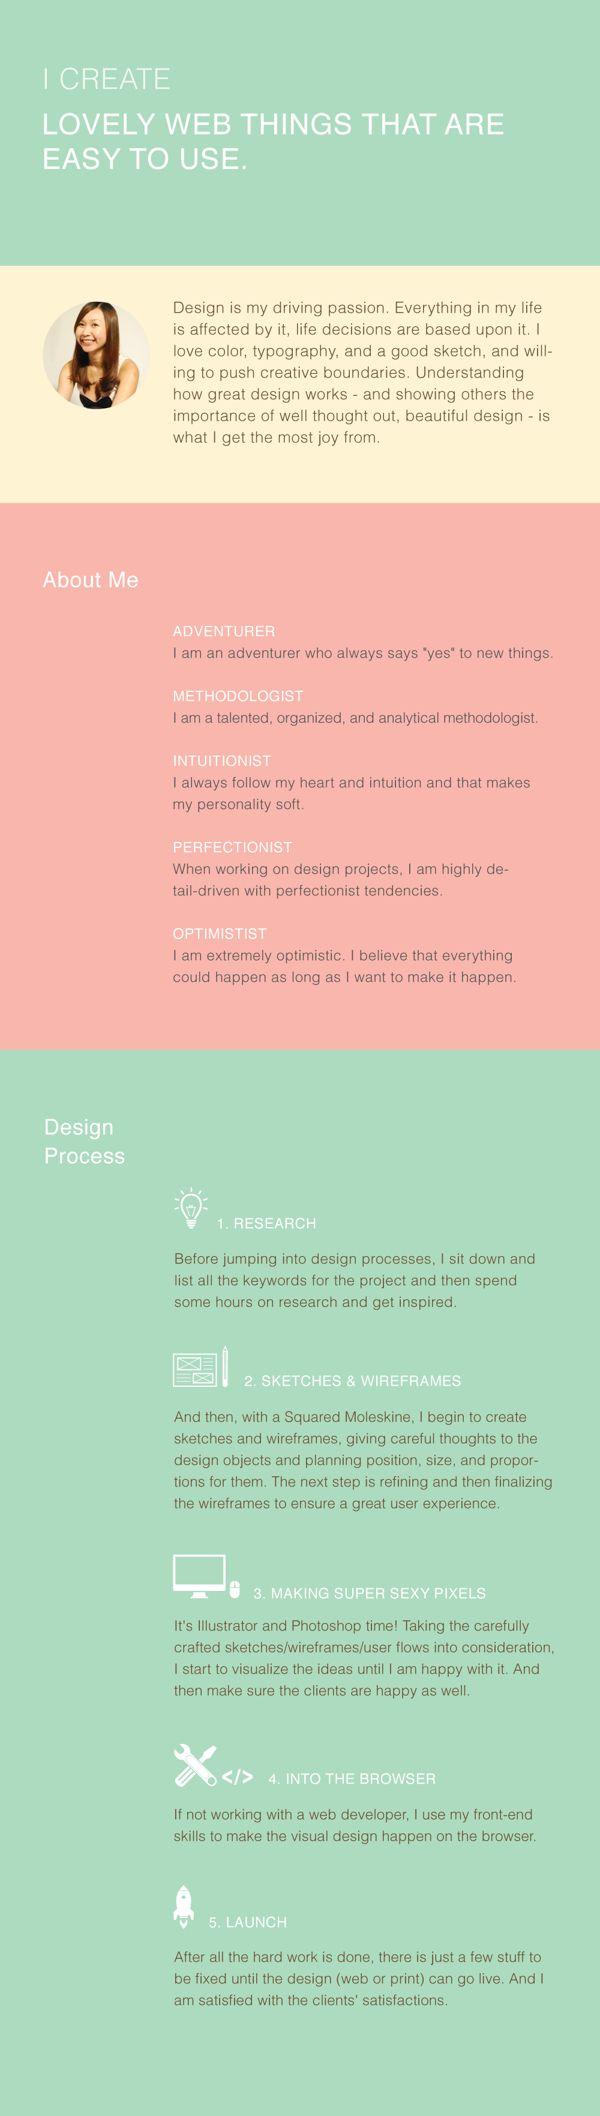 Ausgezeichnet User Experience Lebenslauf Schlüsselwörter Bilder ...